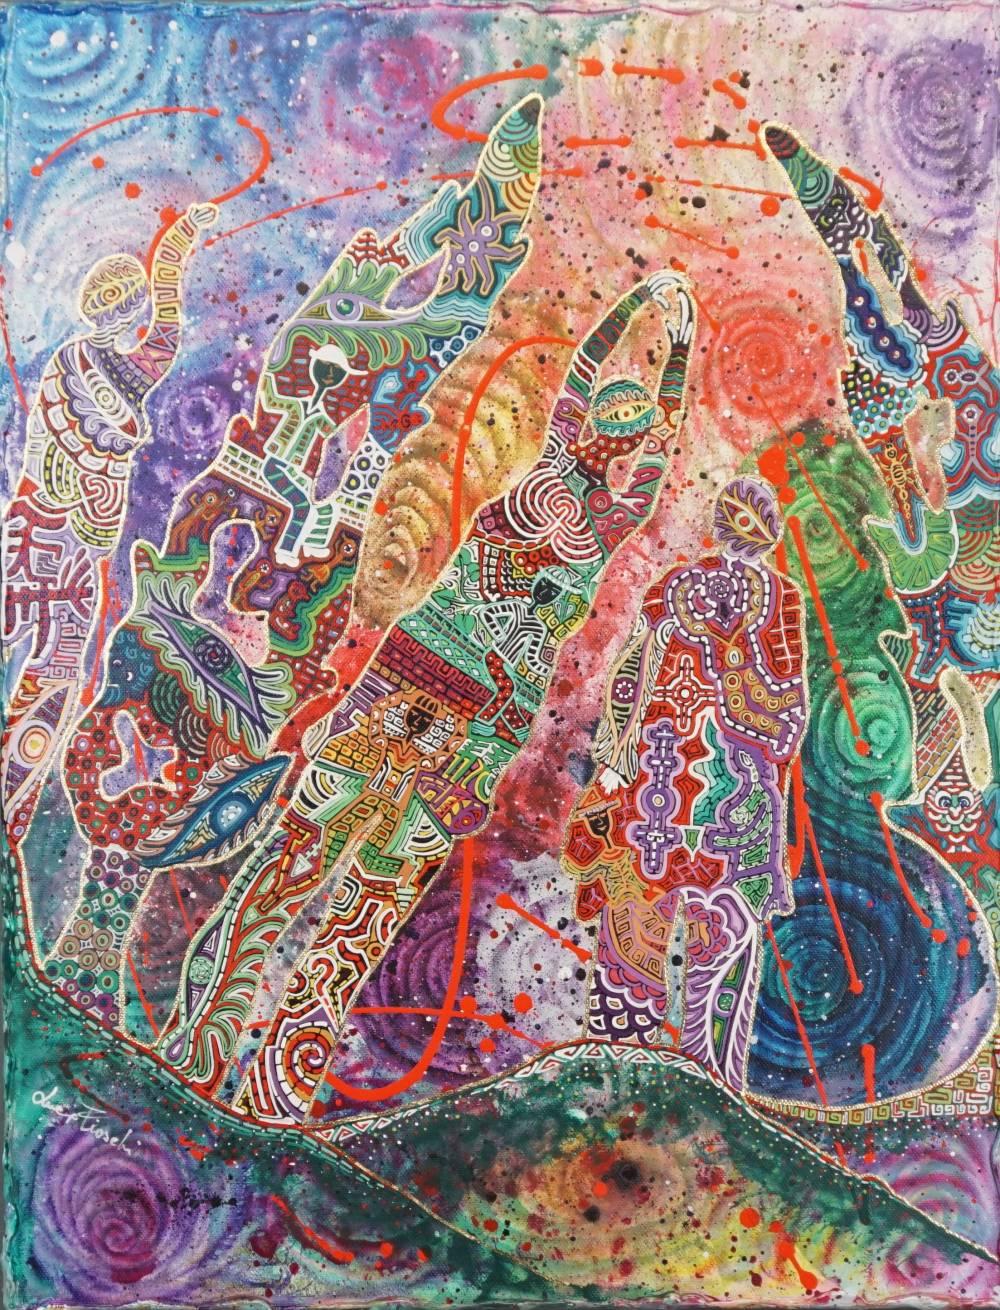 OMBRE SULLA HARLEY - quadro - anno 2016 - 50 cm x 67 cm h - acrilico su tela con foglia oro